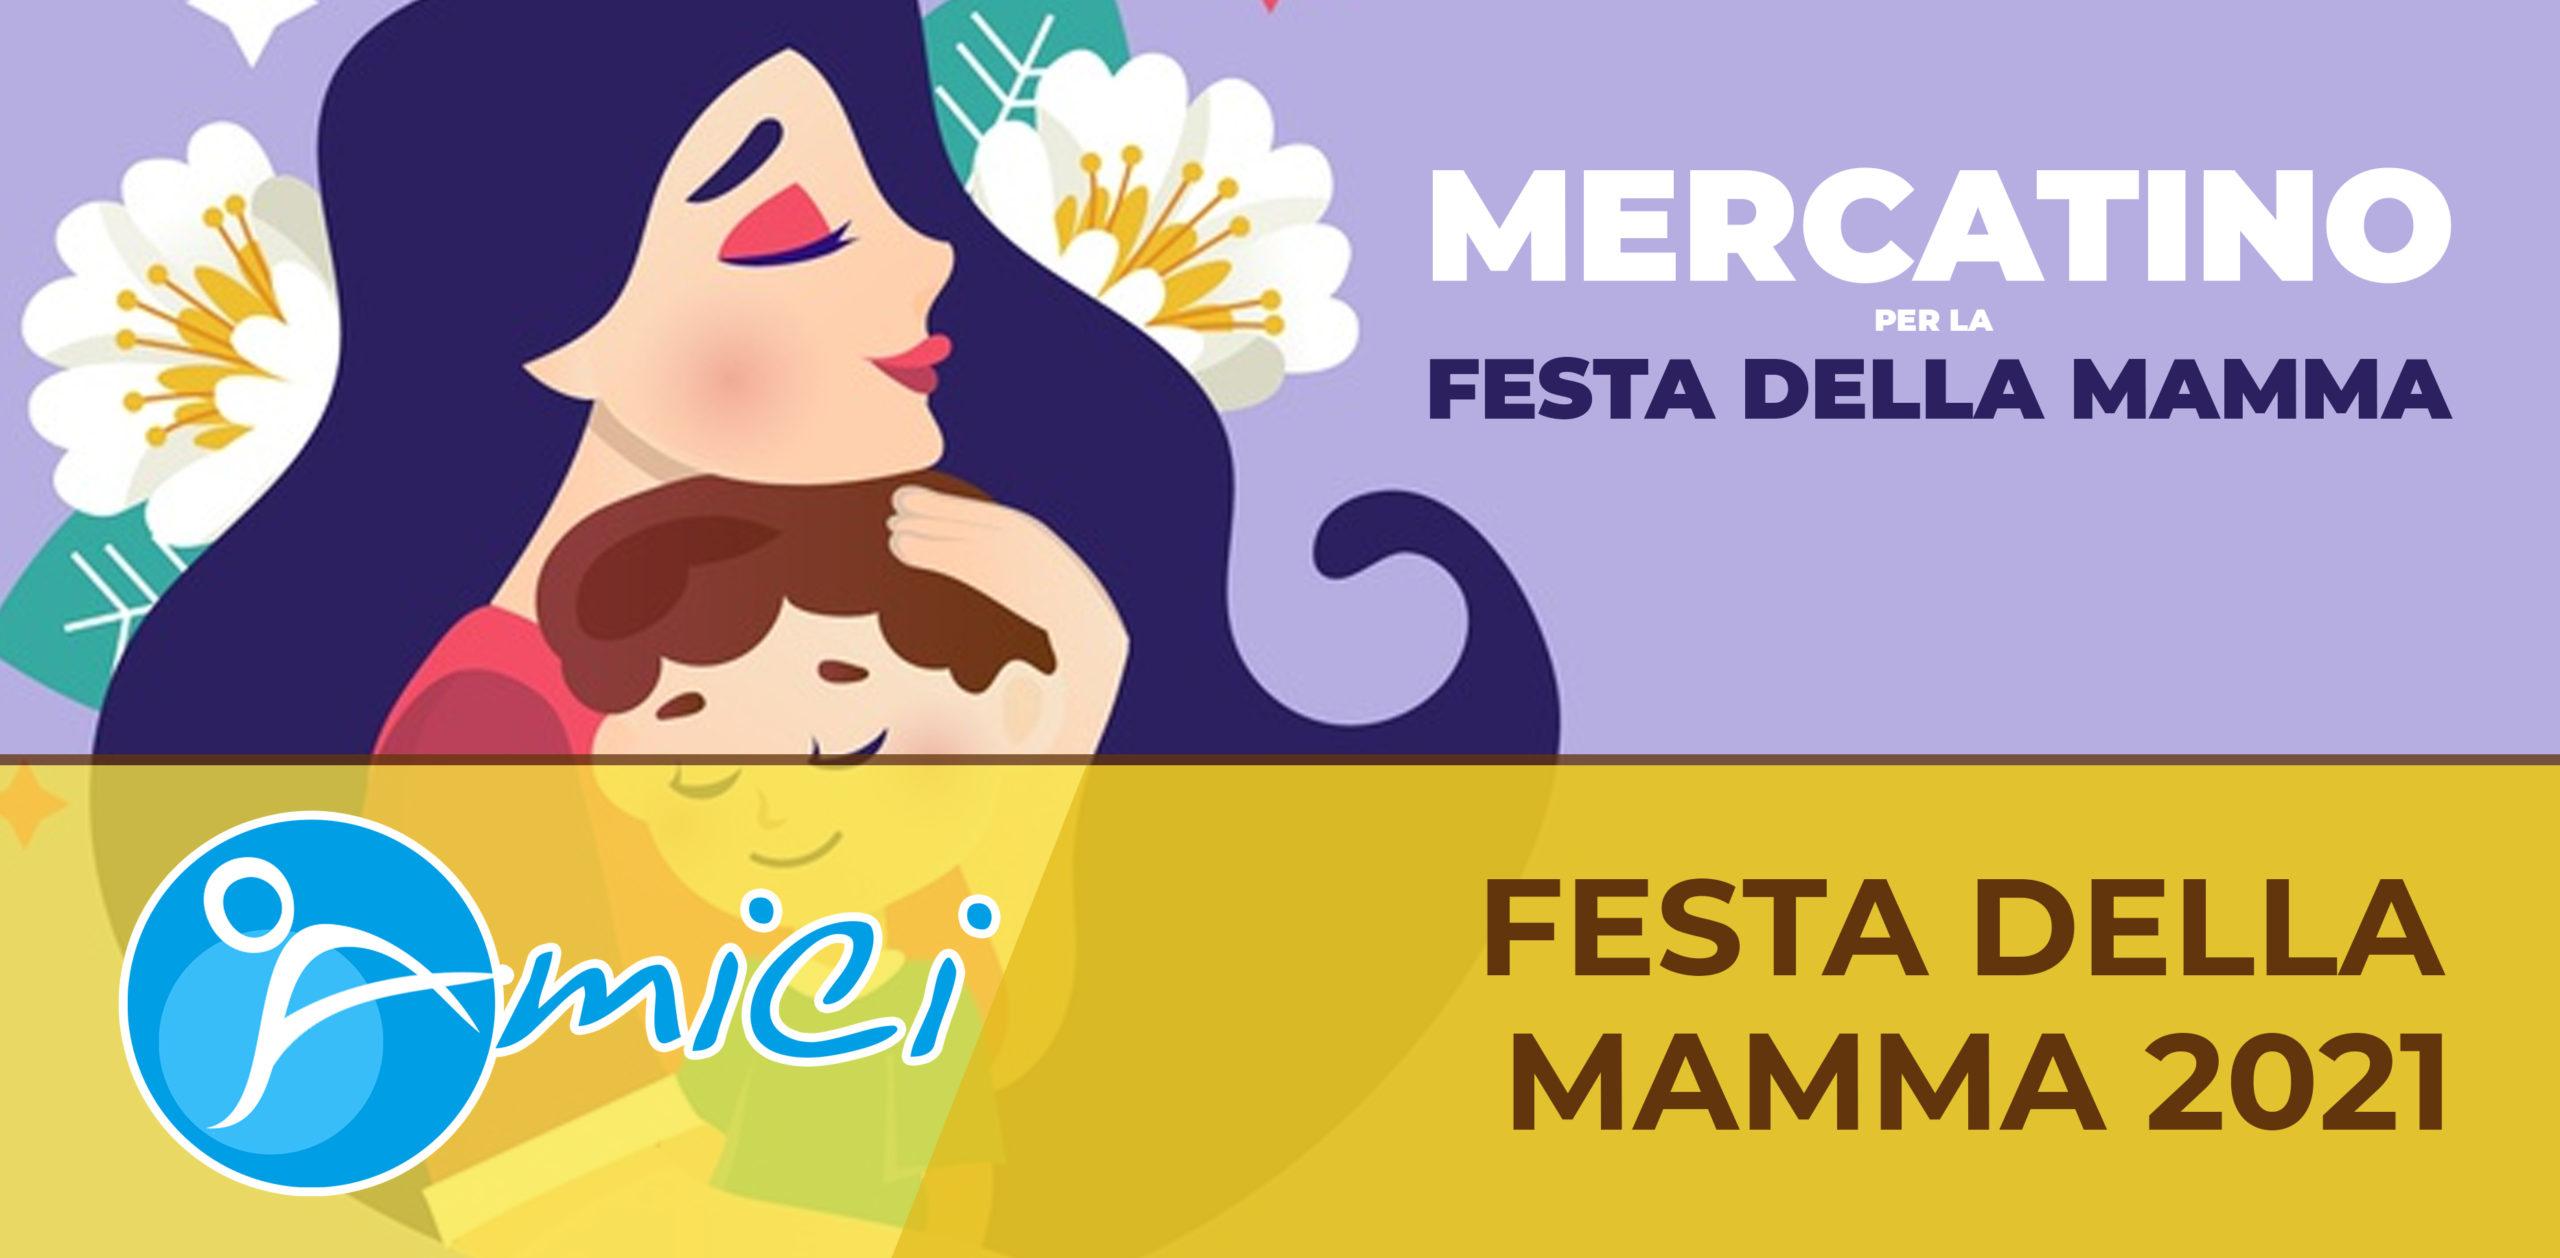 Venerdì 7 maggio 2021: Mercatino per la festa della mamma